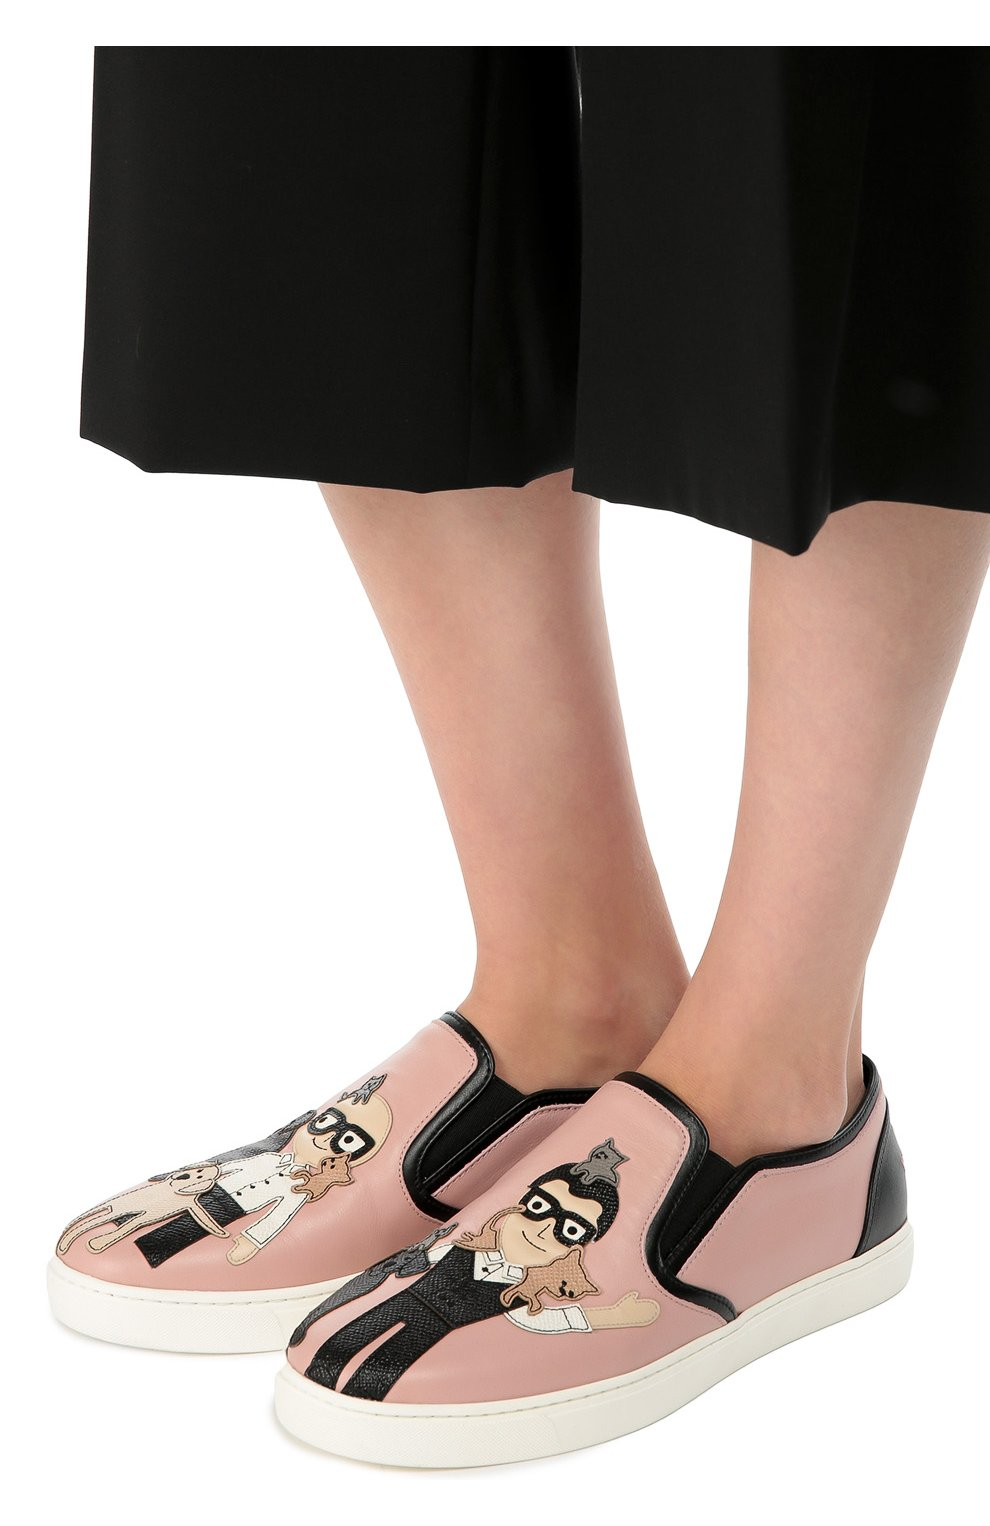 Кожаные слипоны London с аппликациями Dolce & Gabbana розовые | Фото №2